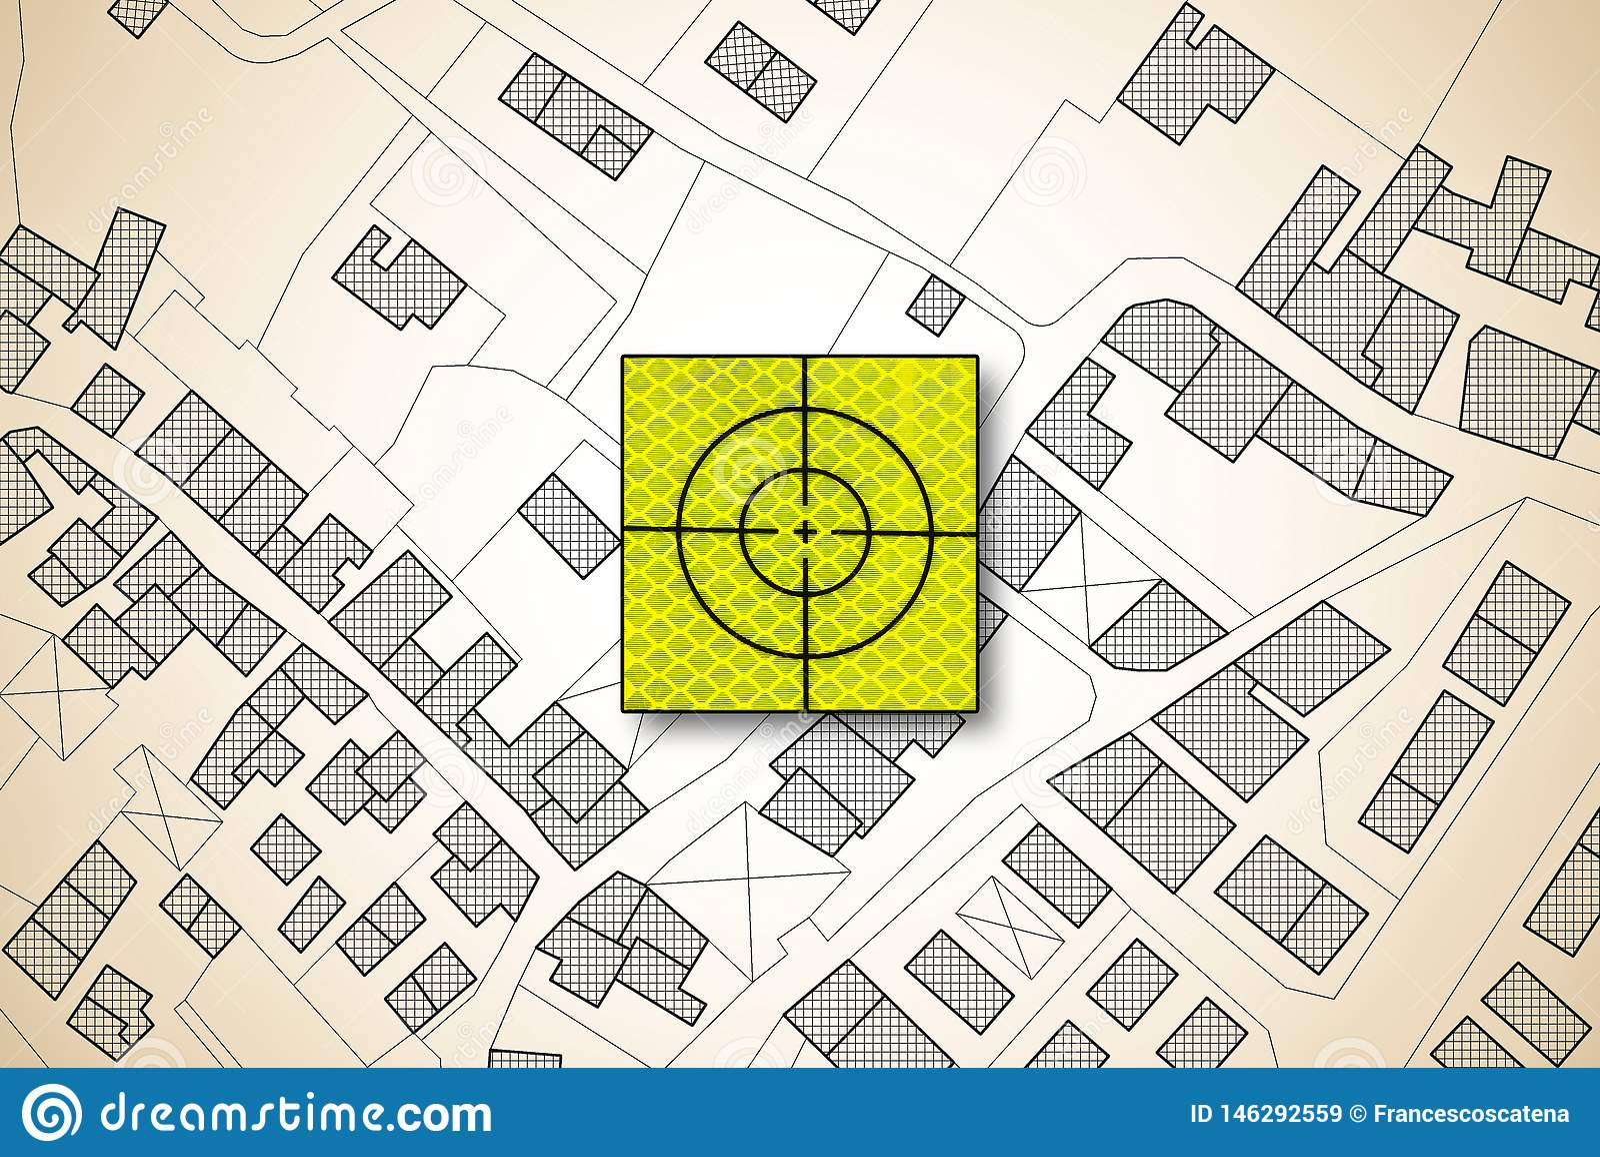 Icono de la blanco sobre un mapa catastral imaginario del territorio con los edificios, los caminos y el paquete de tierra - imag